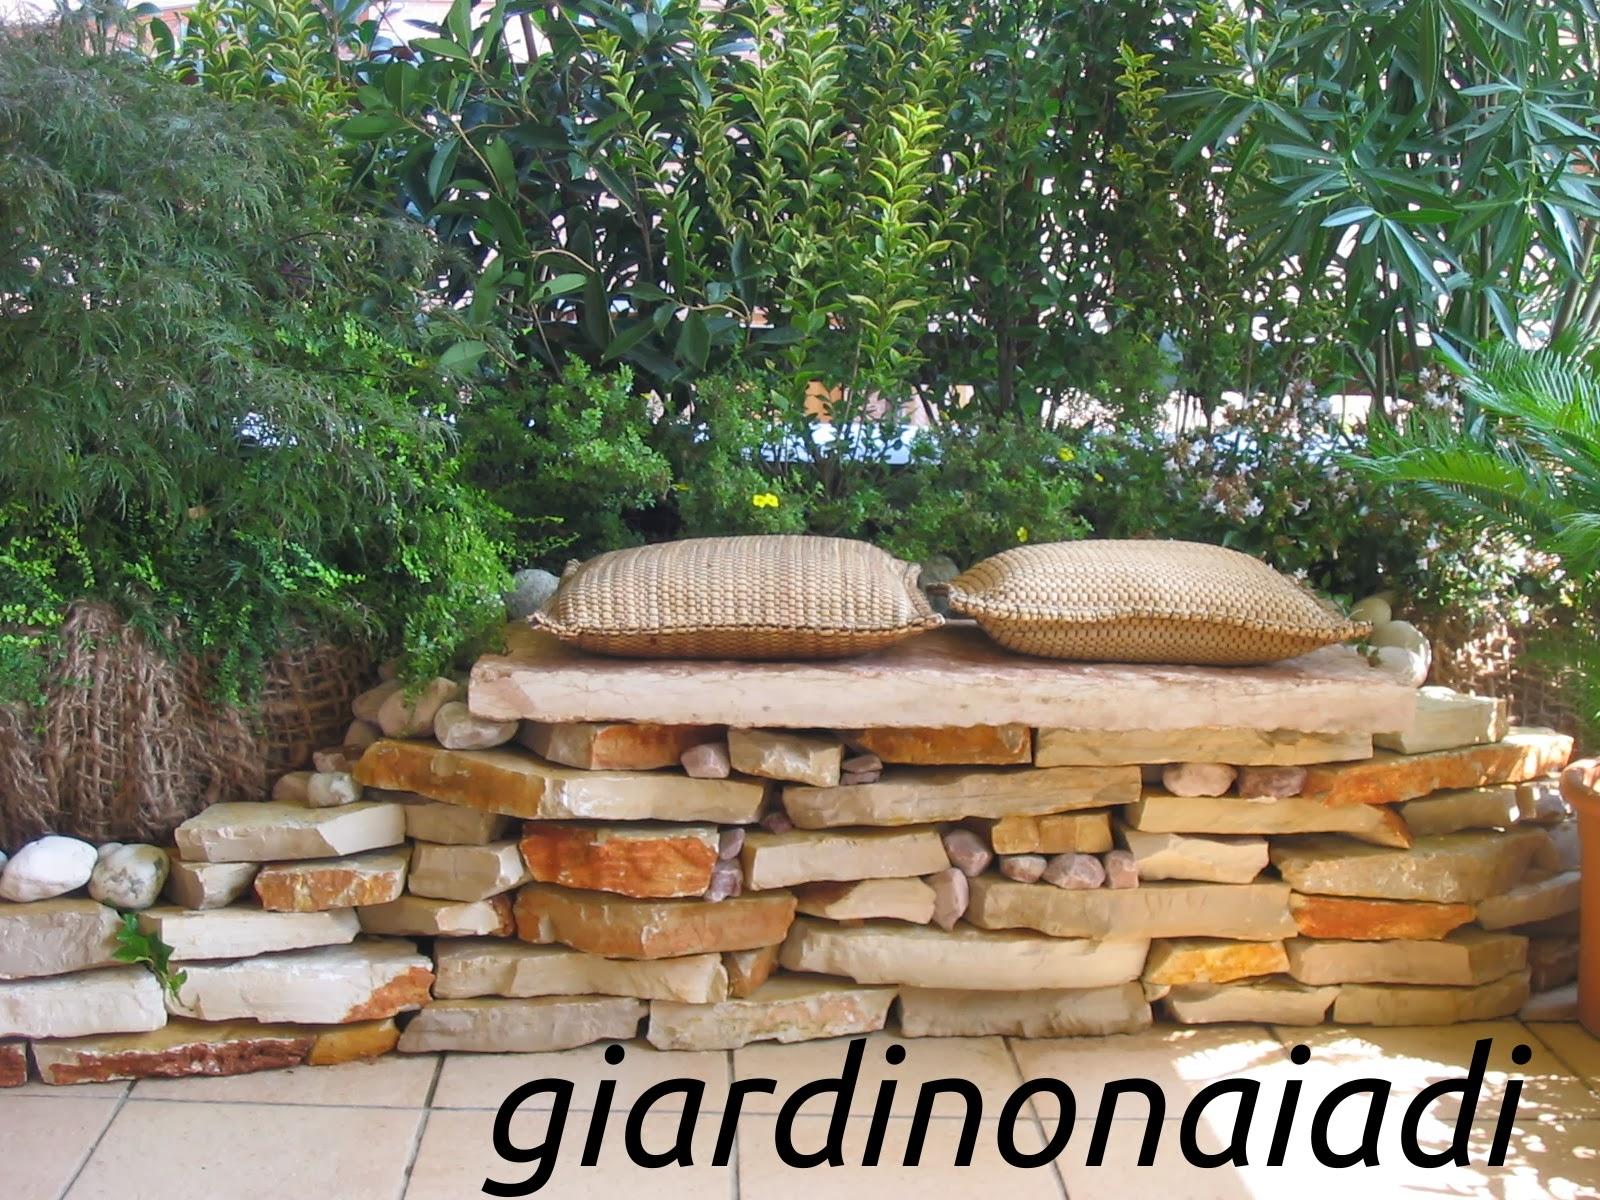 Il giardino delle naiadi il giardino segreto - Giardini decorati ...